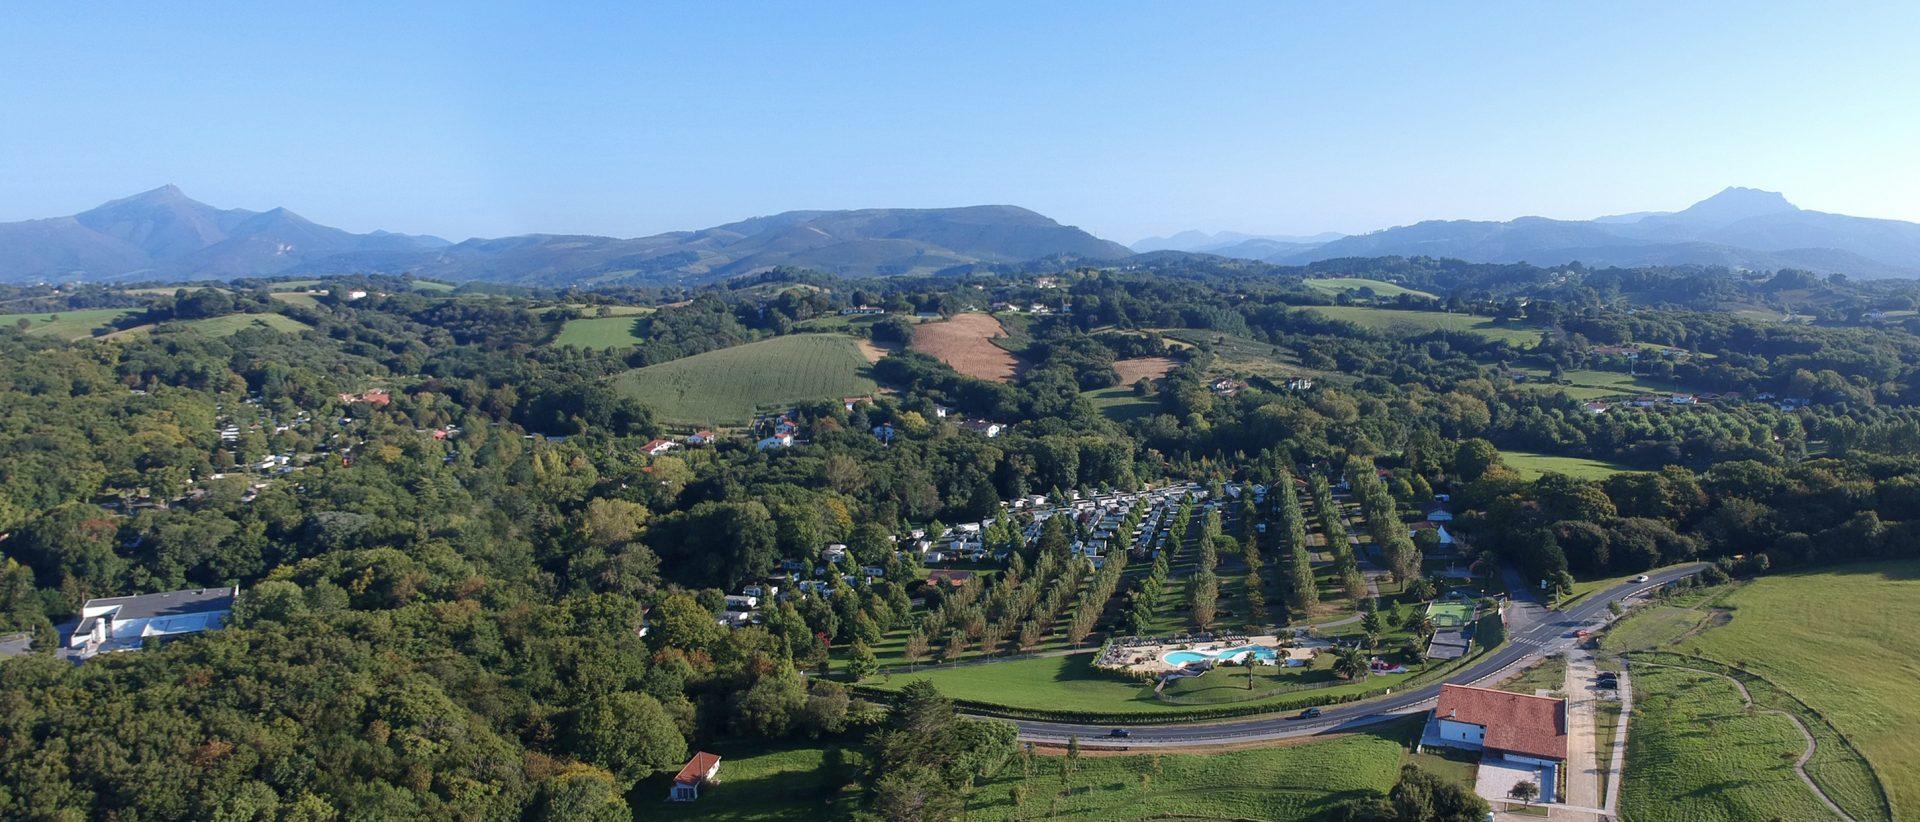 Camping Eskualduna : vue aérienne avec vue sur les montagnes du pays basque